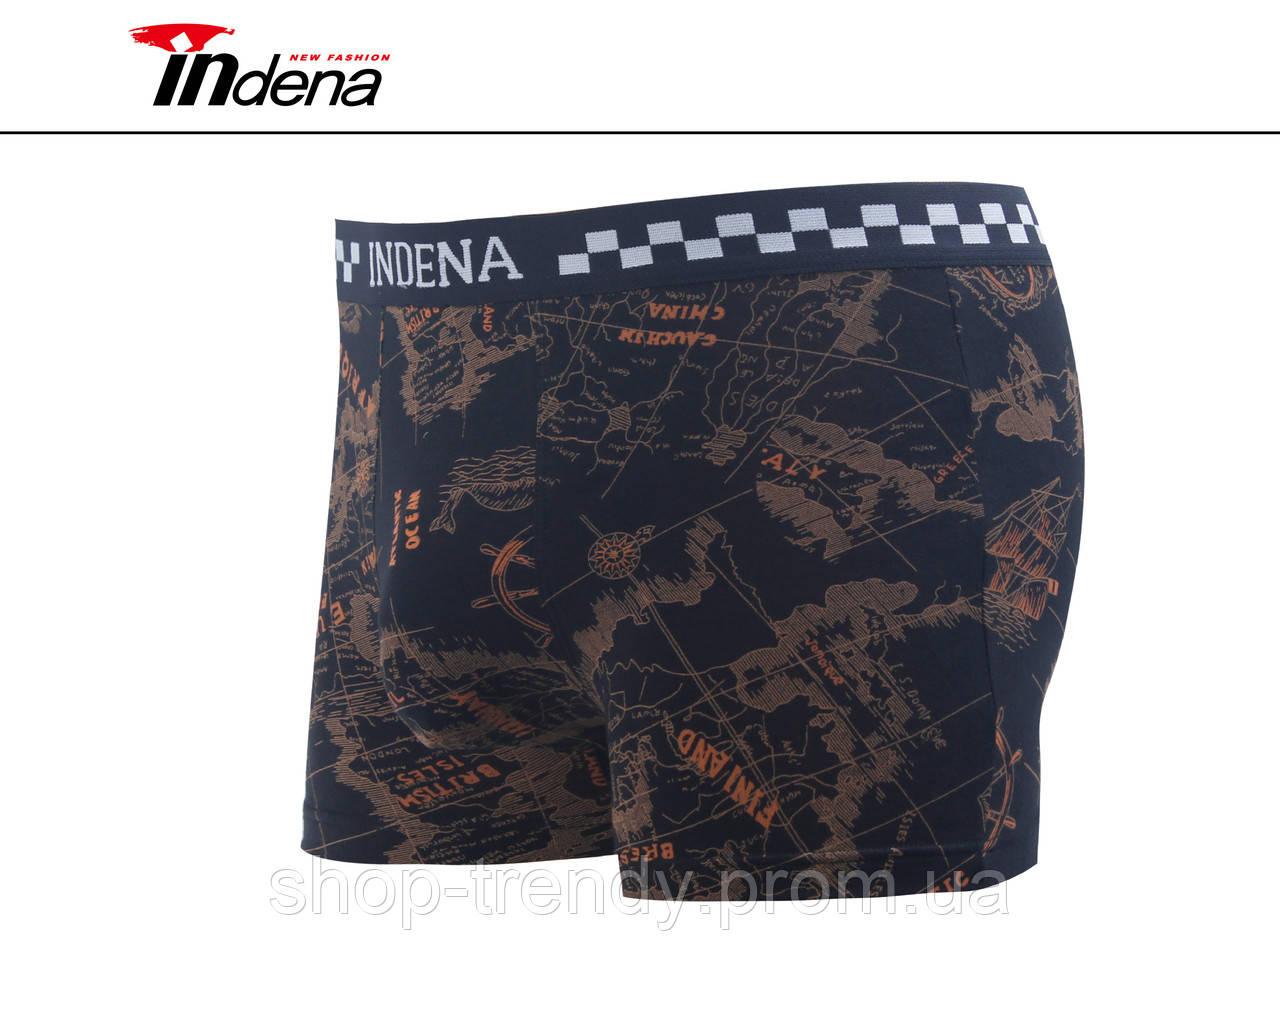 107d618a80db1 Мужские трусы боксеры Indena - купить по лучшей цене в Житомире от ...